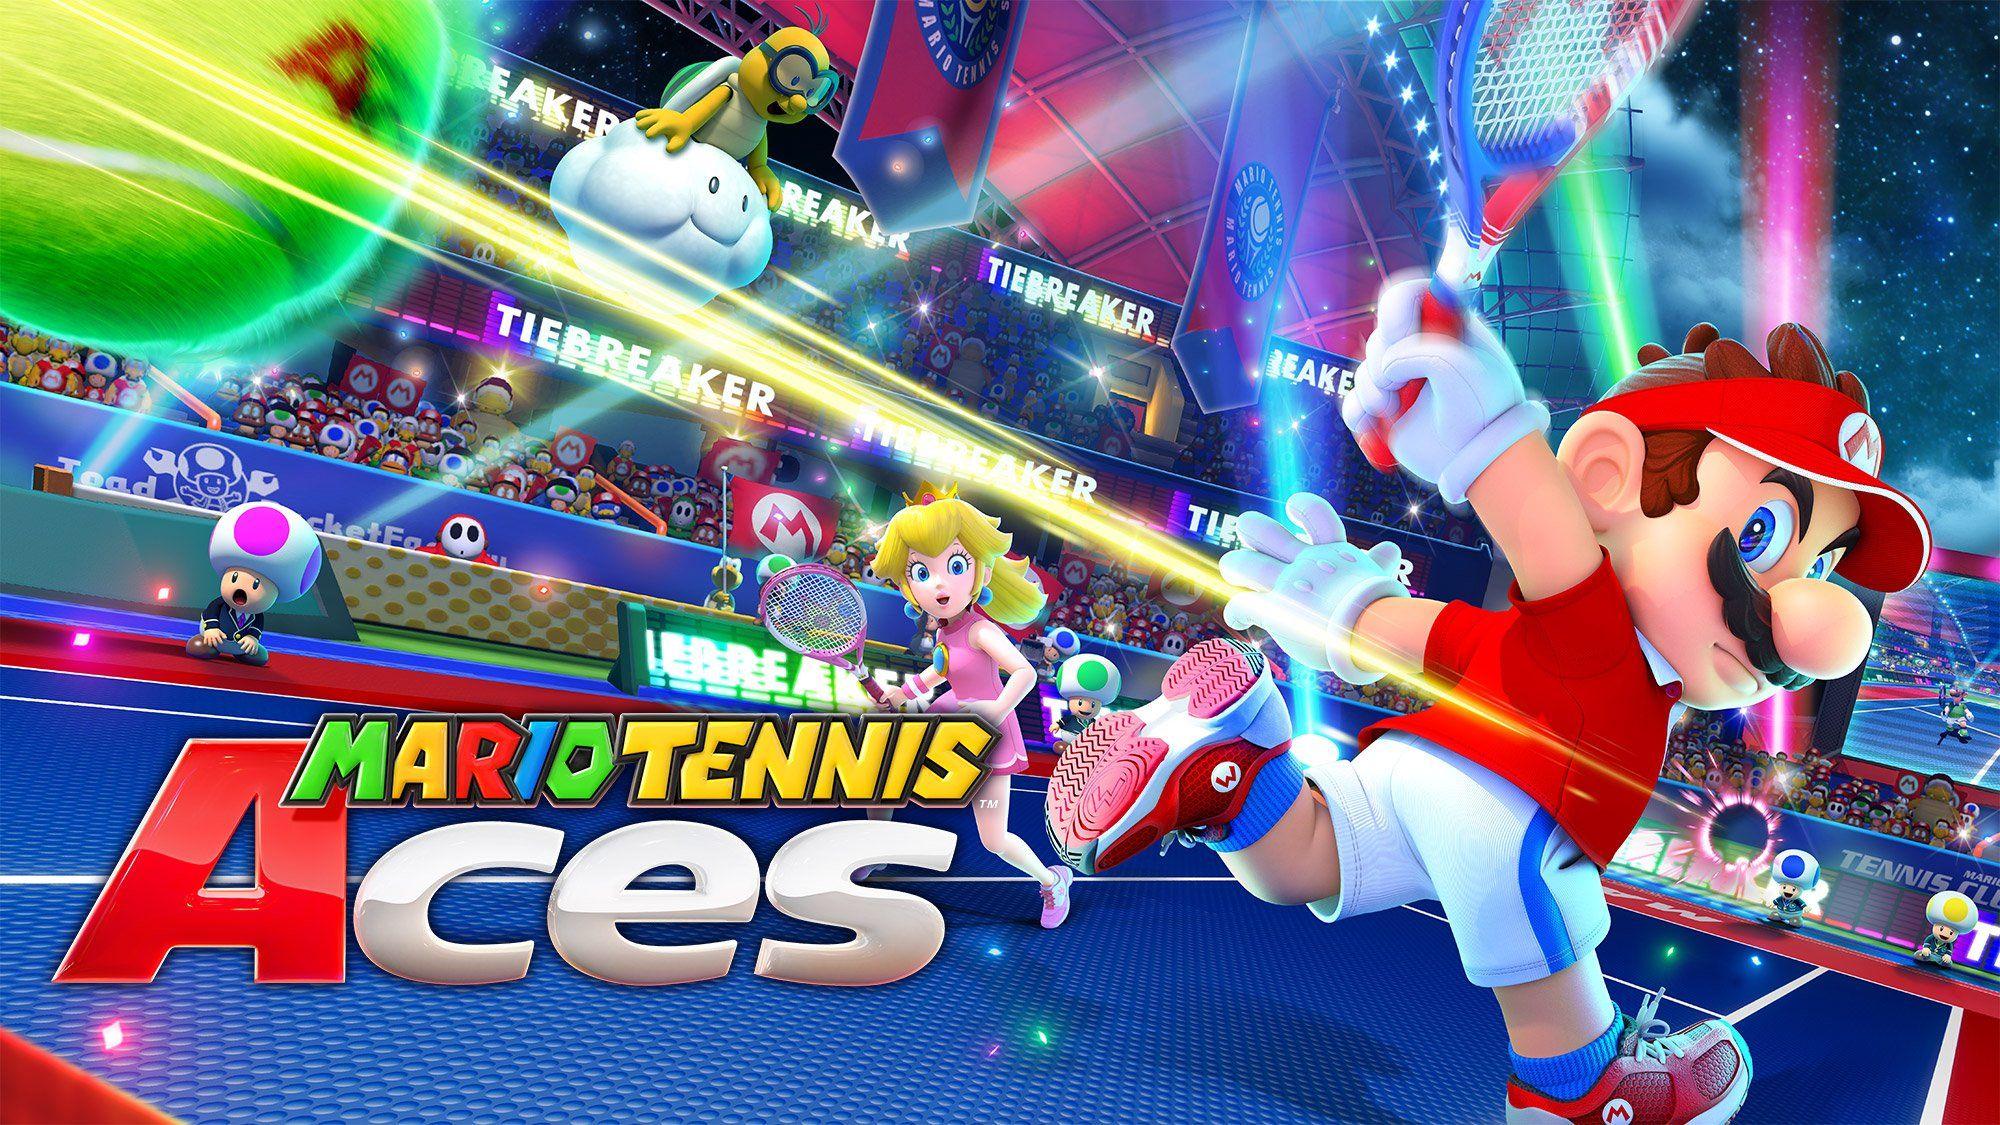 La Sortie Prochaine De Mario Tennis Aces Promet Un Match Coriace Entre Mario Et Nadal Telecharger Films Cartes Mario